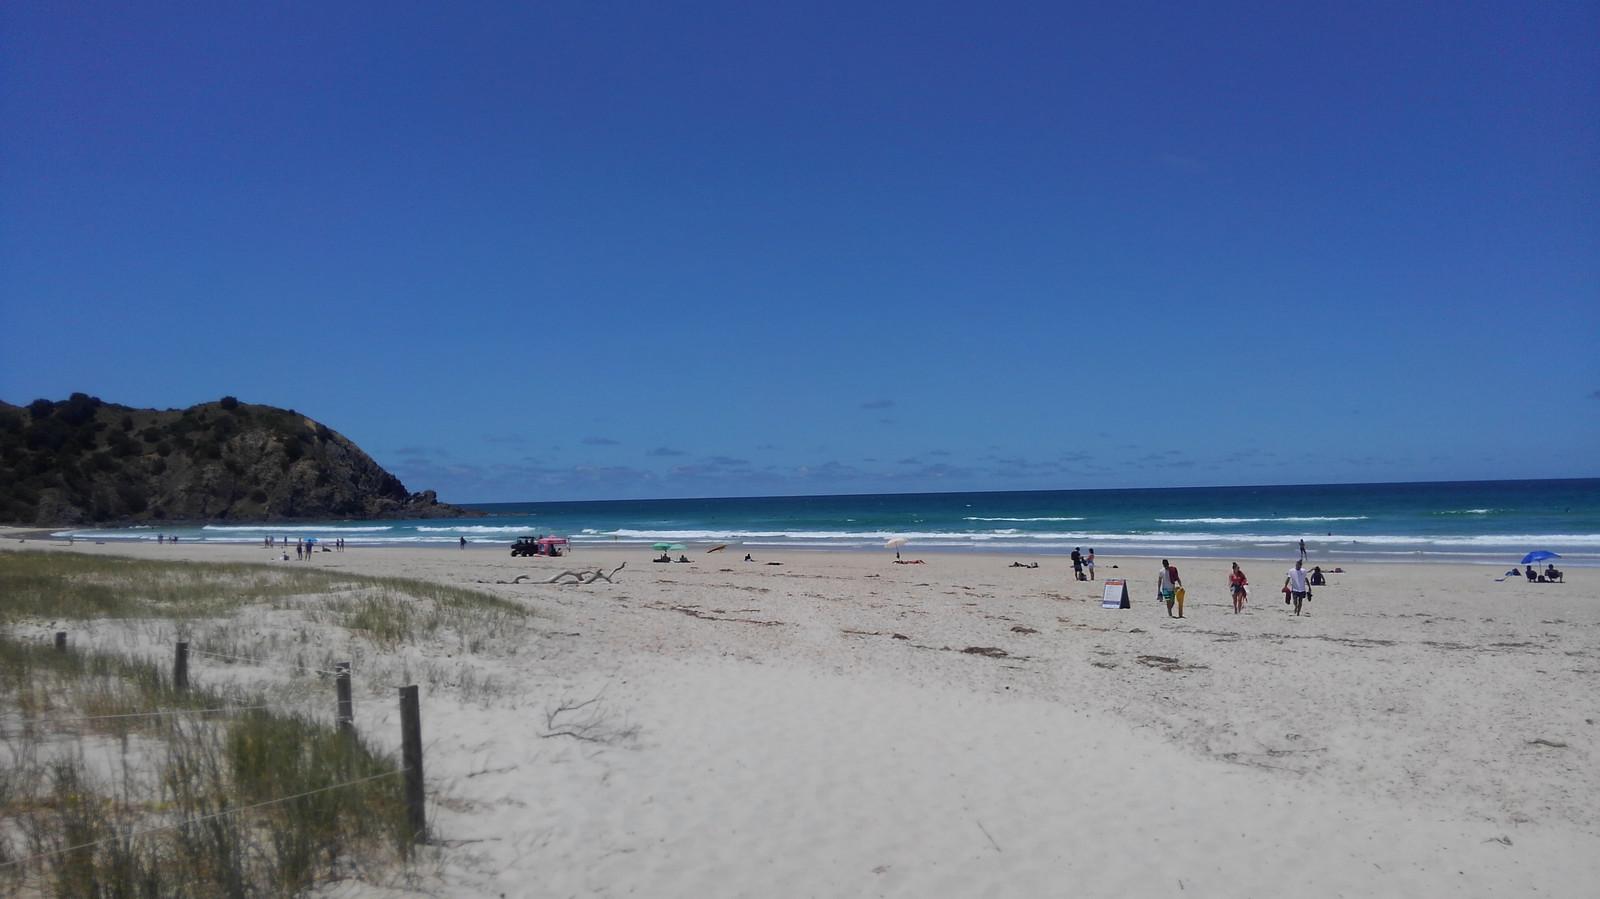 Tallow_beach_main